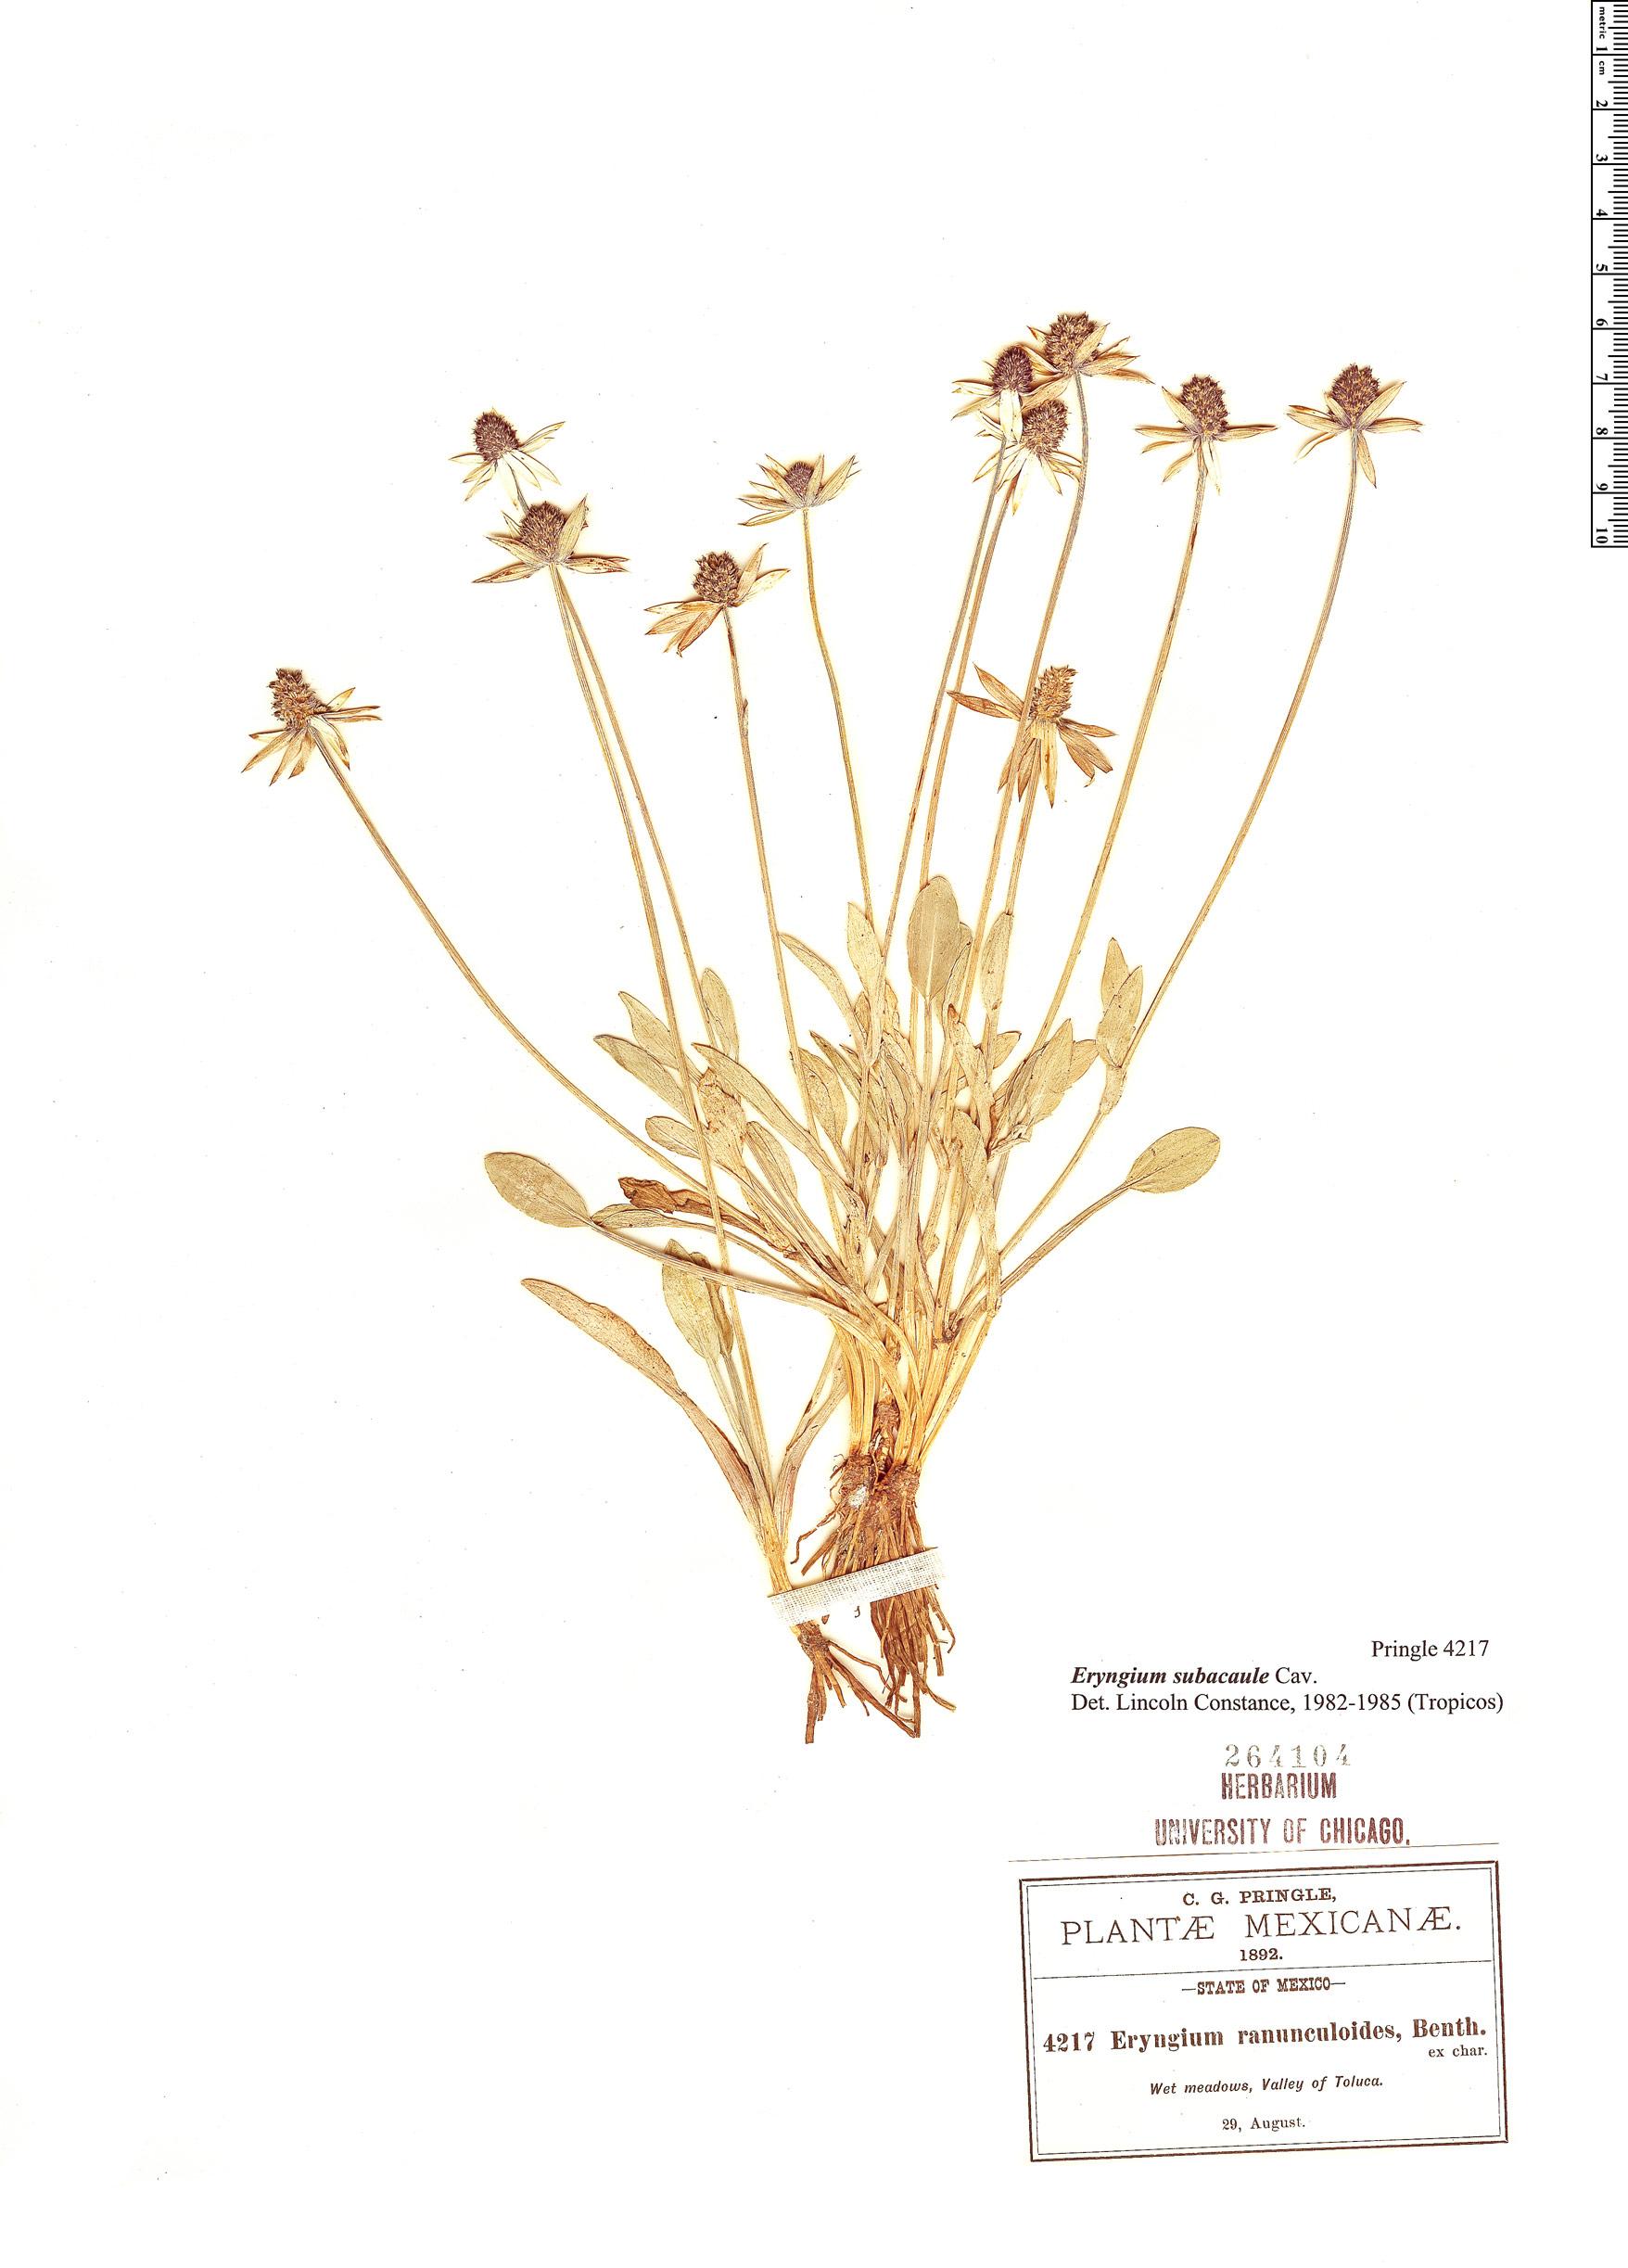 Specimen: Eryngium subacaule